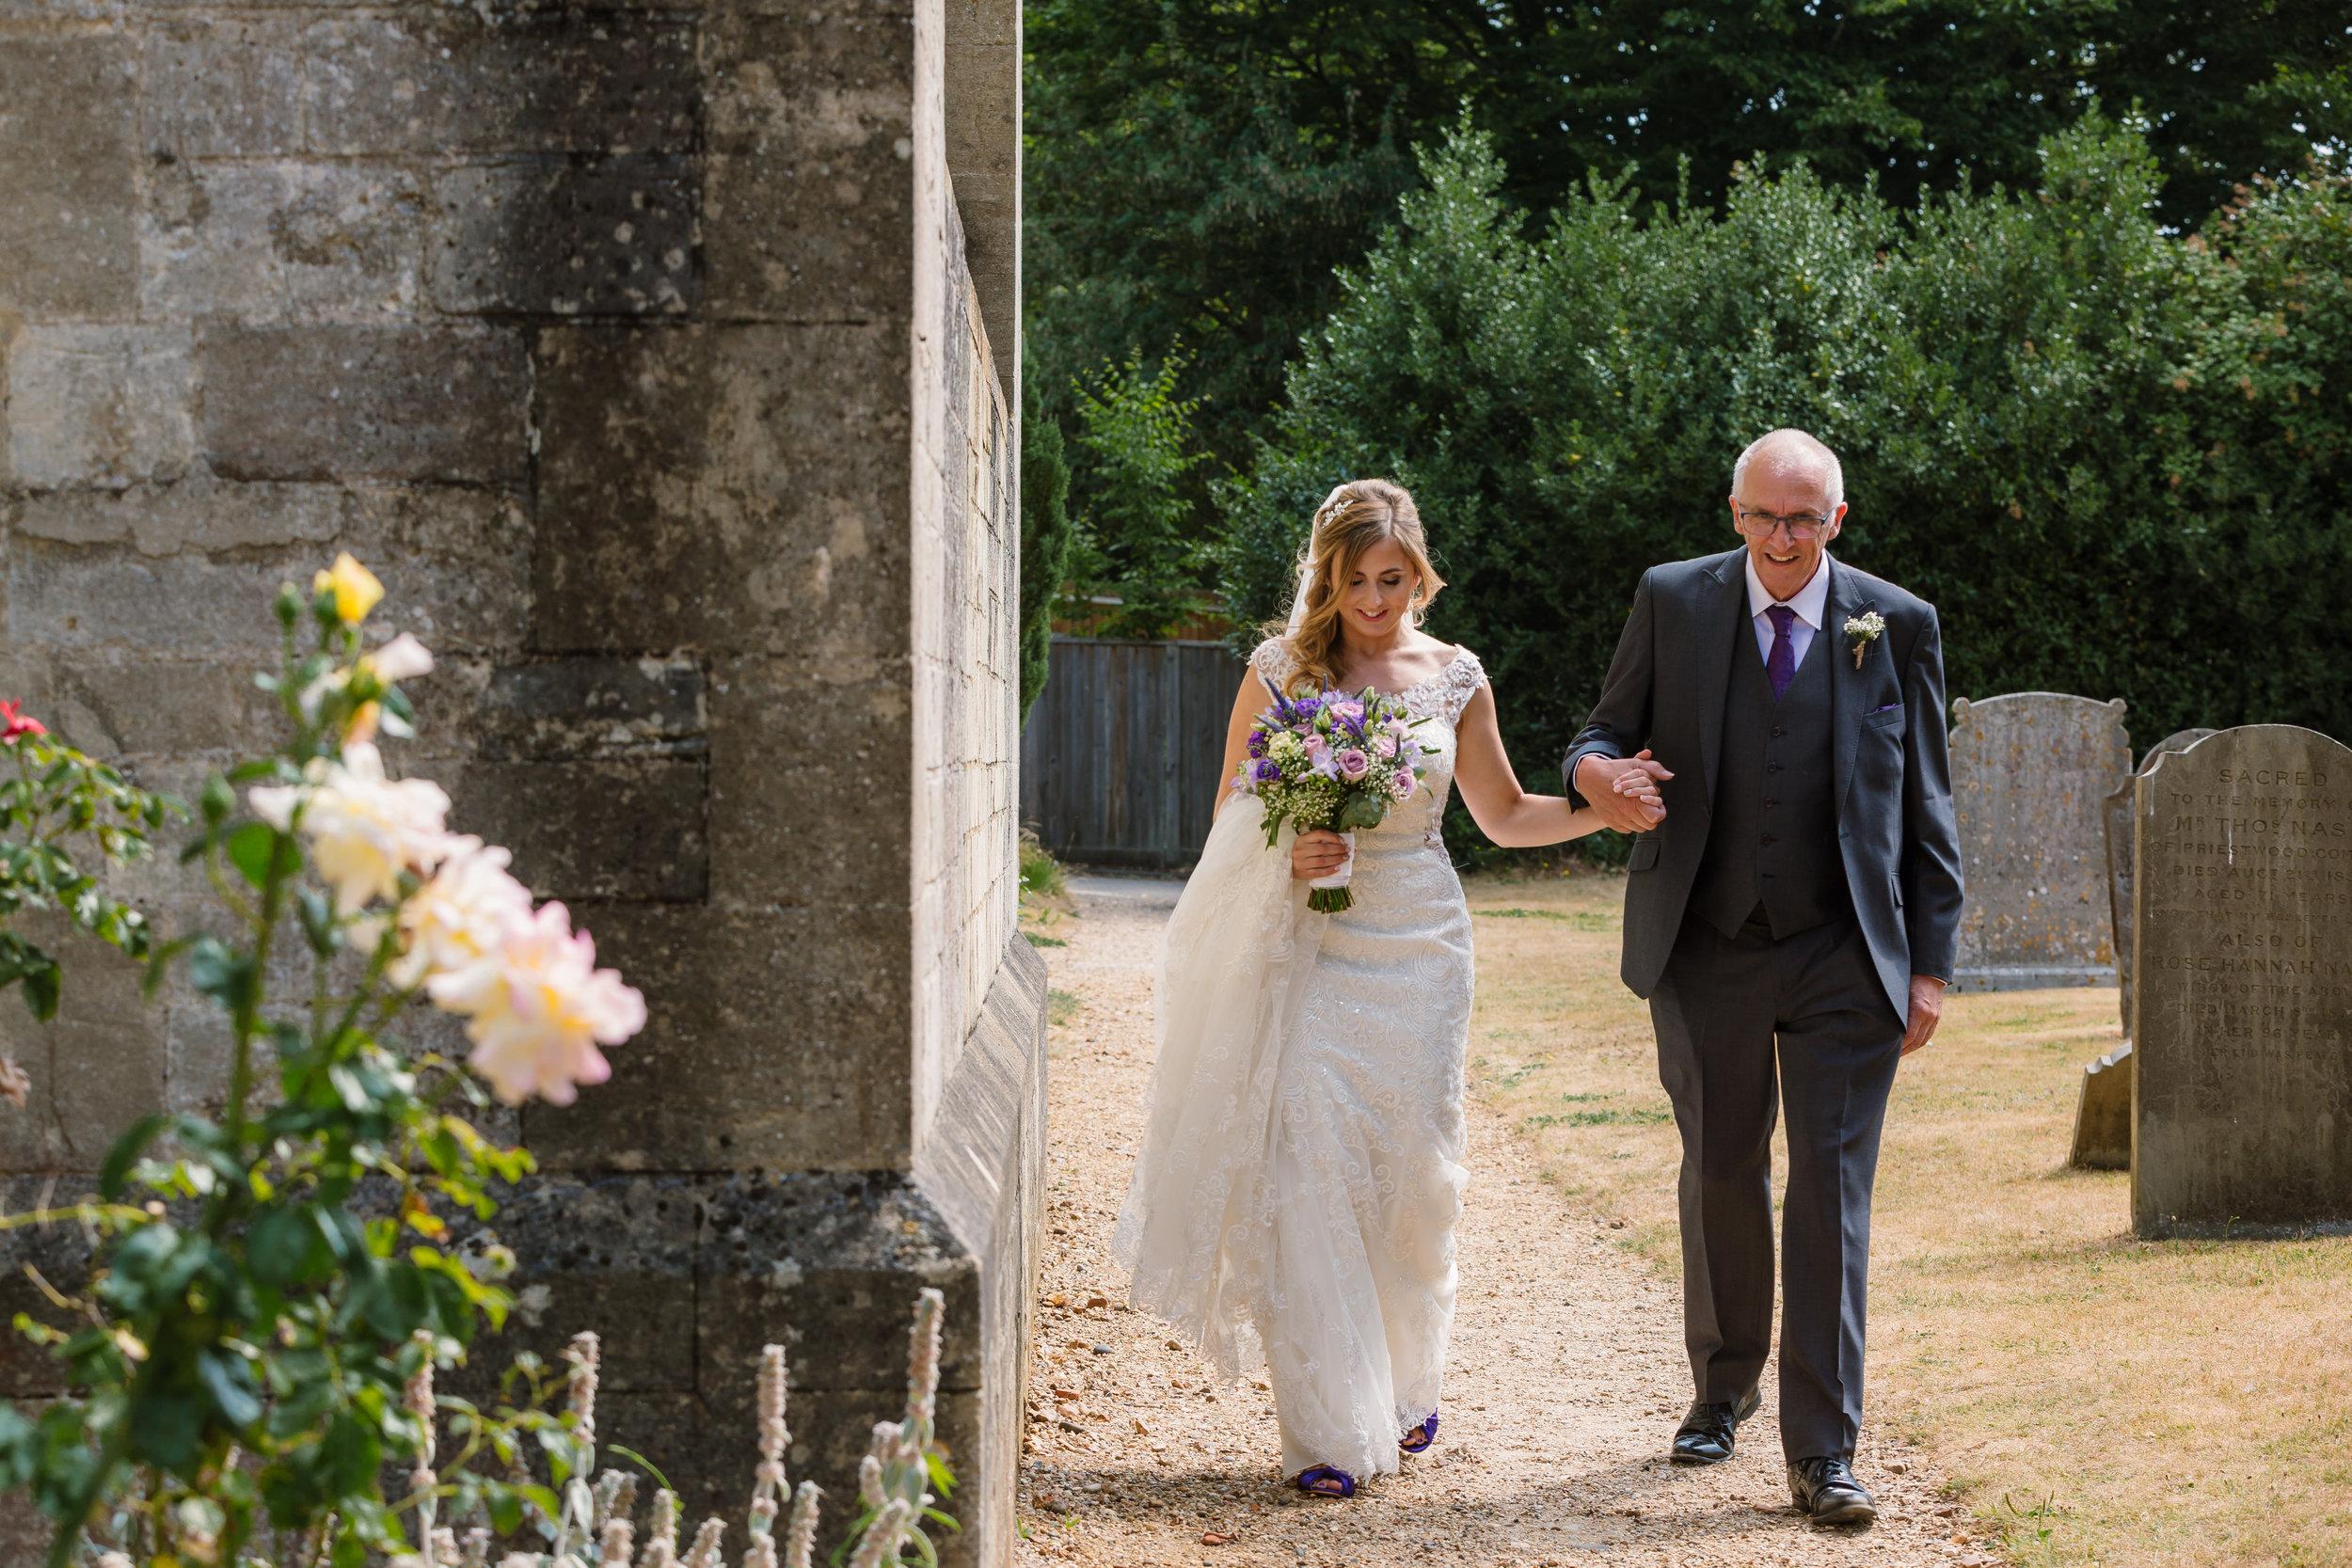 Hampshire Wedding Photographer Hampshire : Ufton-Court-Wedding : Barn-wedding-venue-hampshire : sarah-fishlock-photography : hampshire-barn-wedding-333.jpg